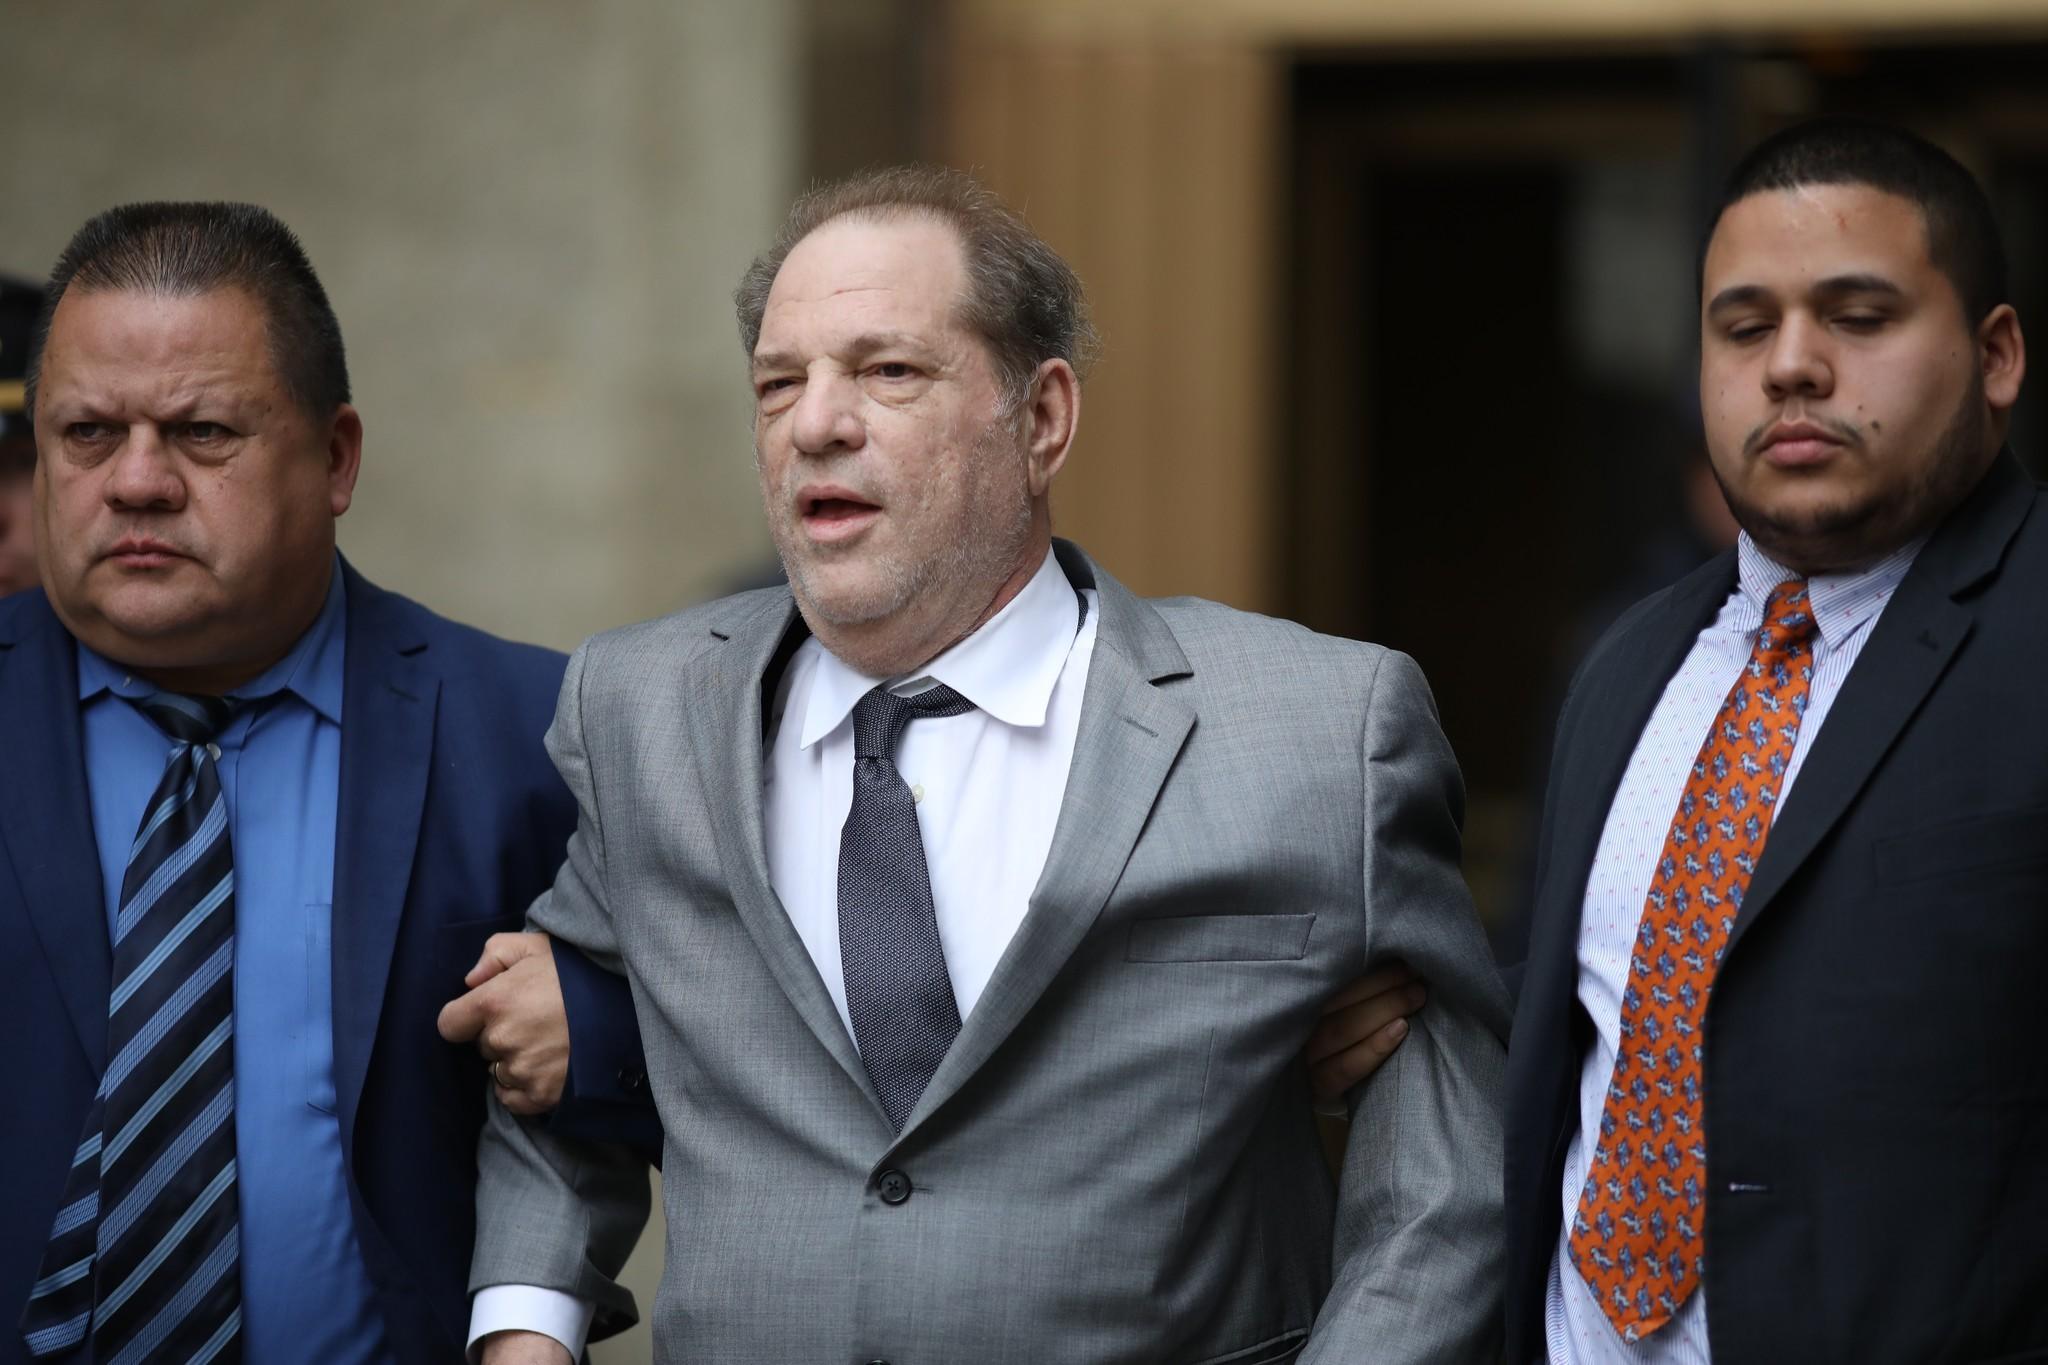 Harvey Weinstein has coronavirus: report